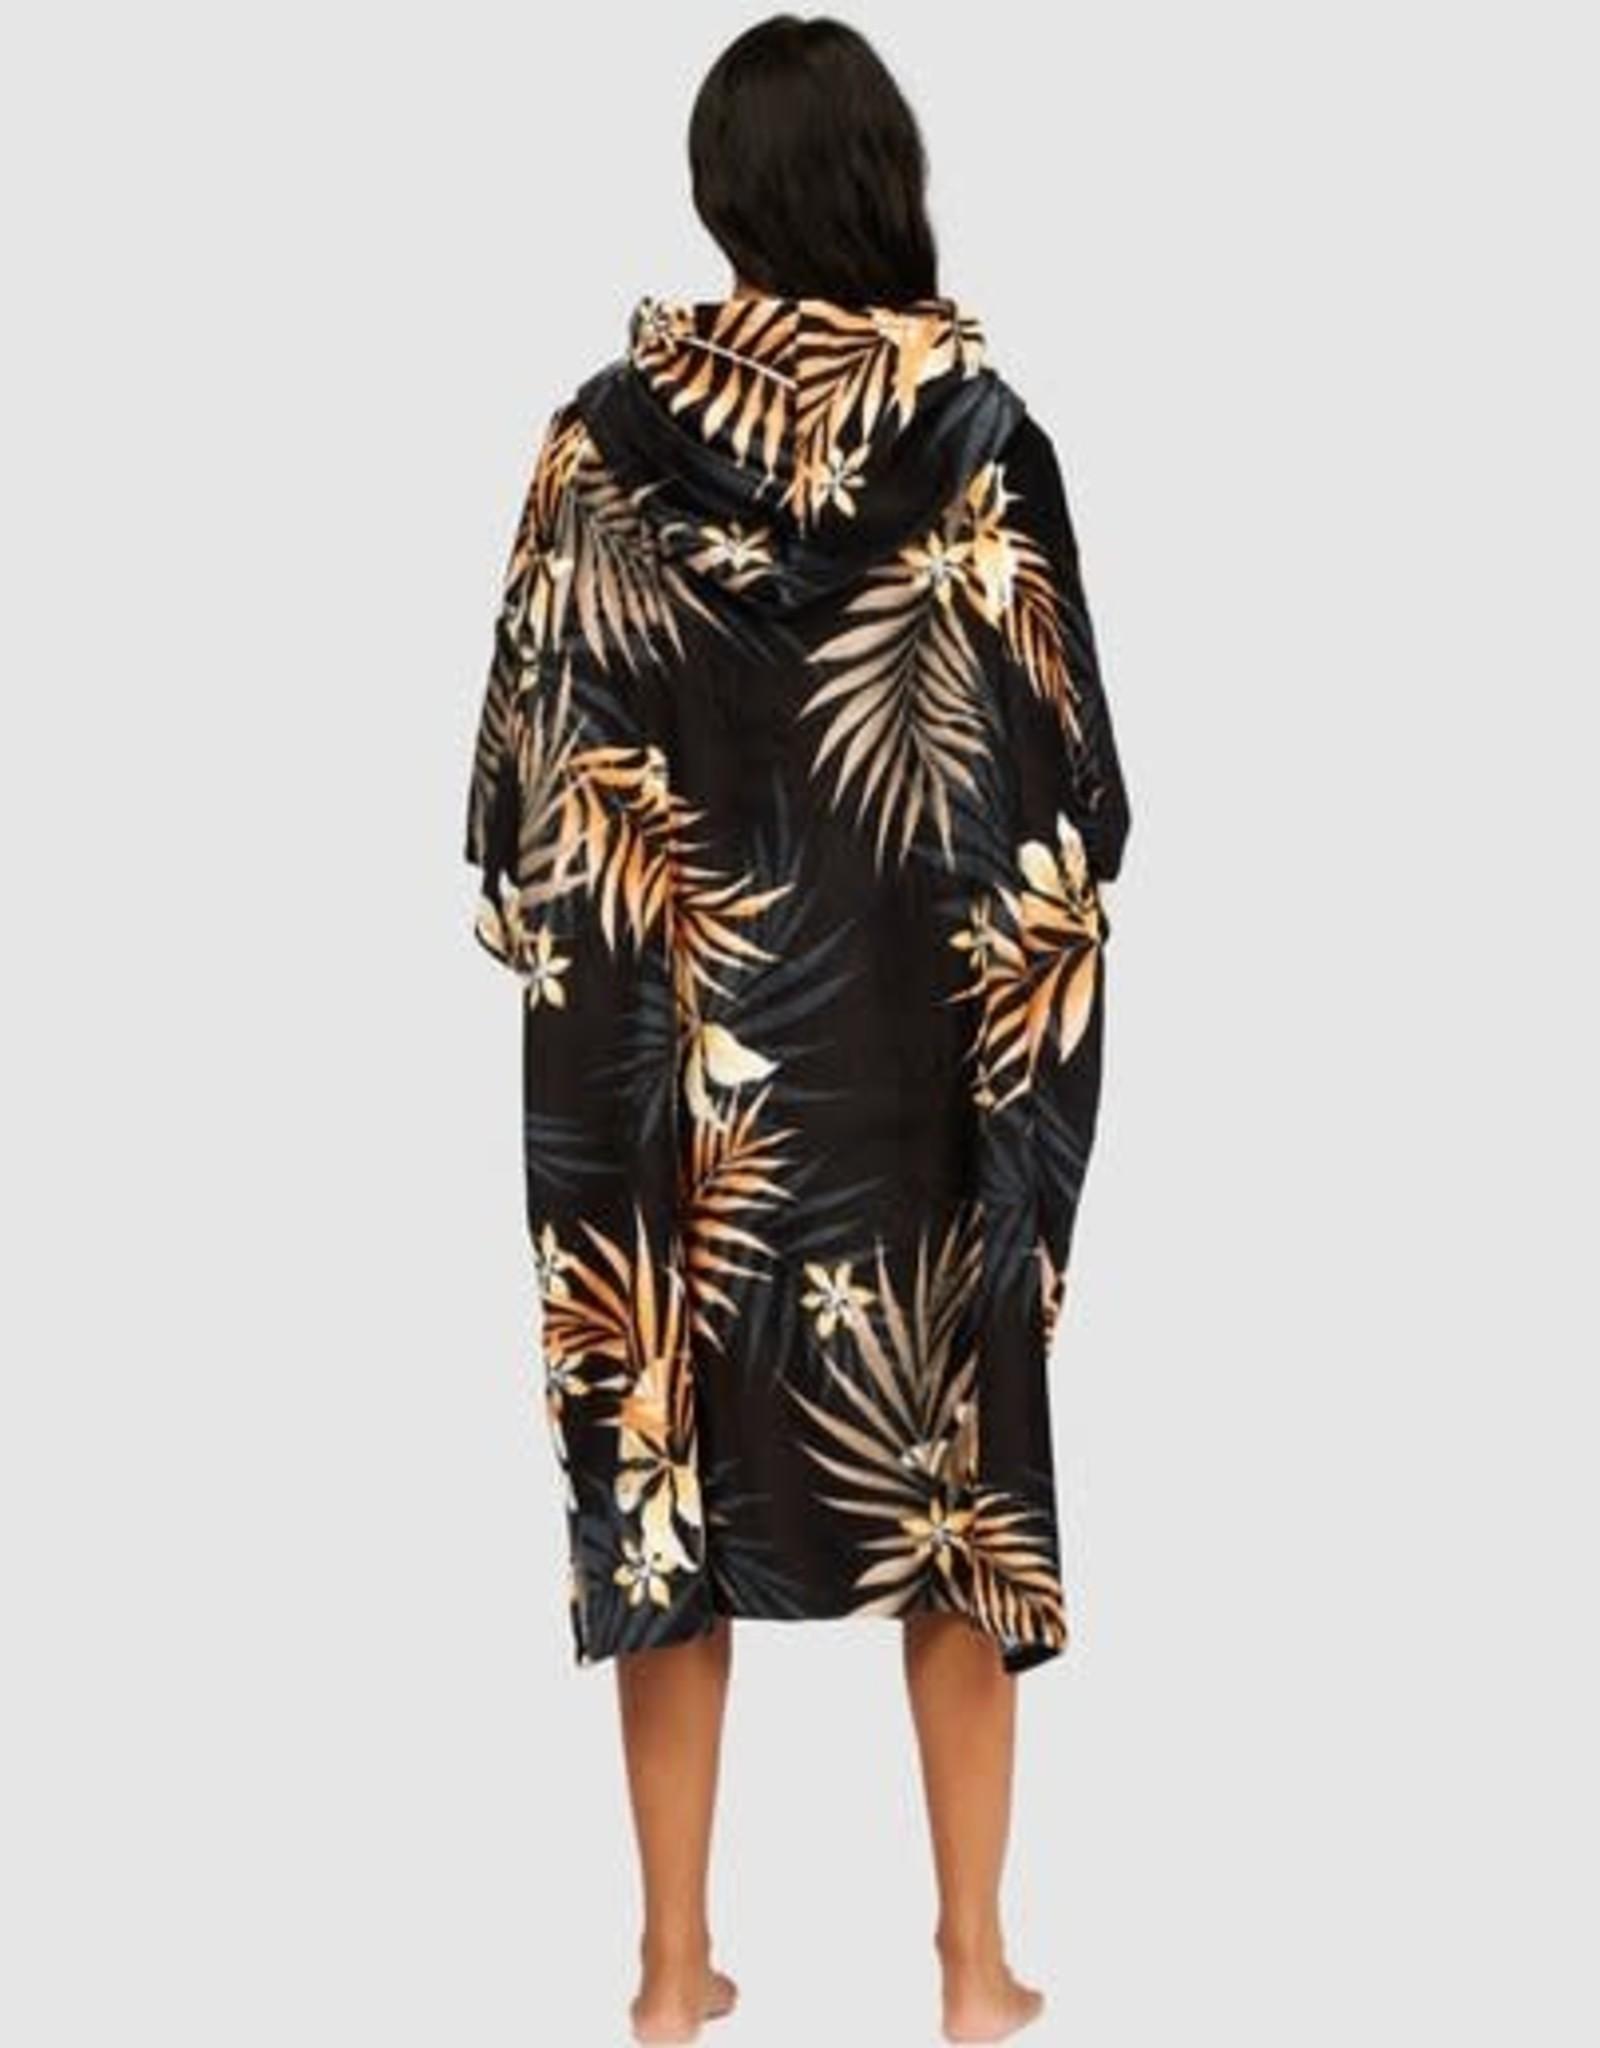 BILLABONG Womens Hooded Towel